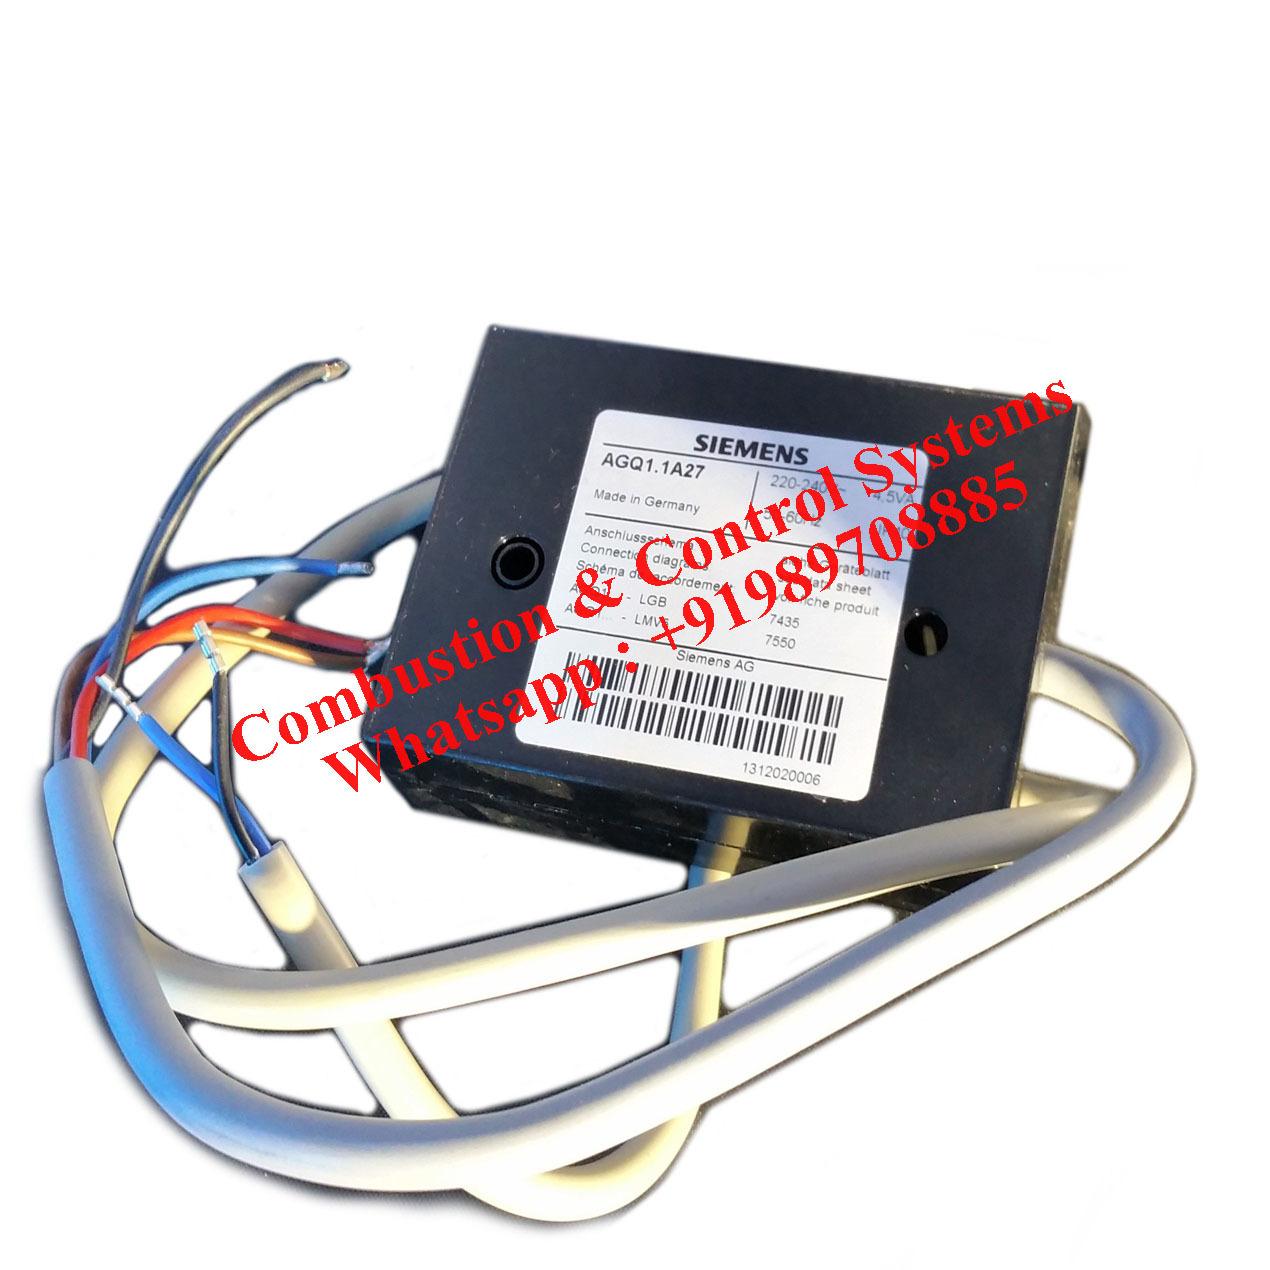 Siemens AGQ1.1A27 Amlifier